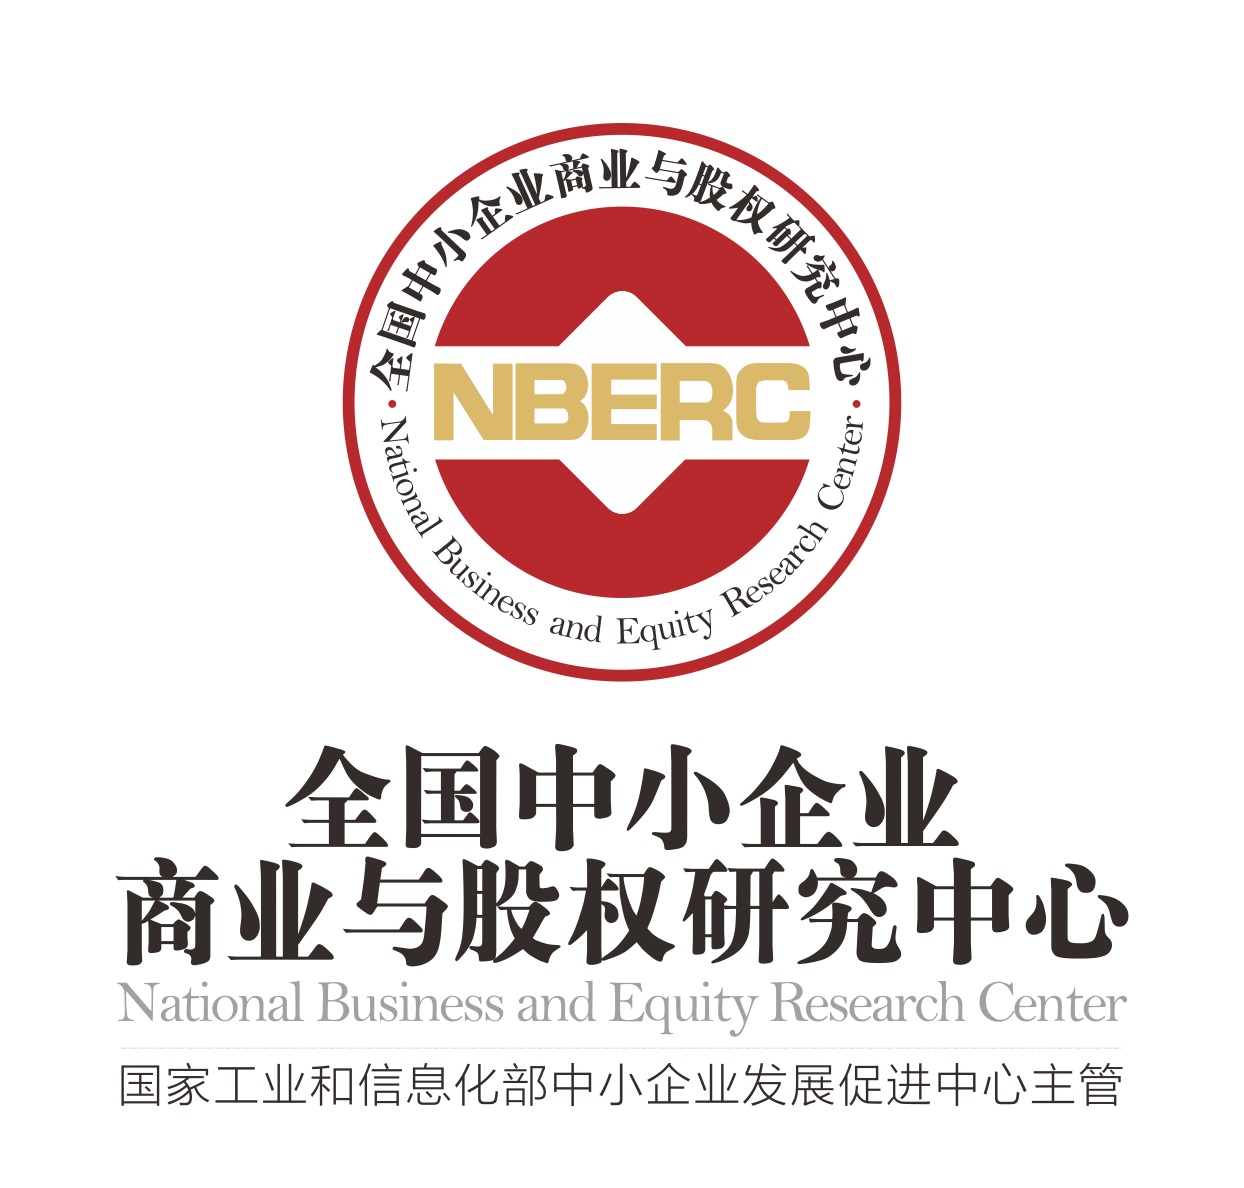 中国合伙人研究中心全国首发《中国合伙人》公益讲座在深盛大开启!